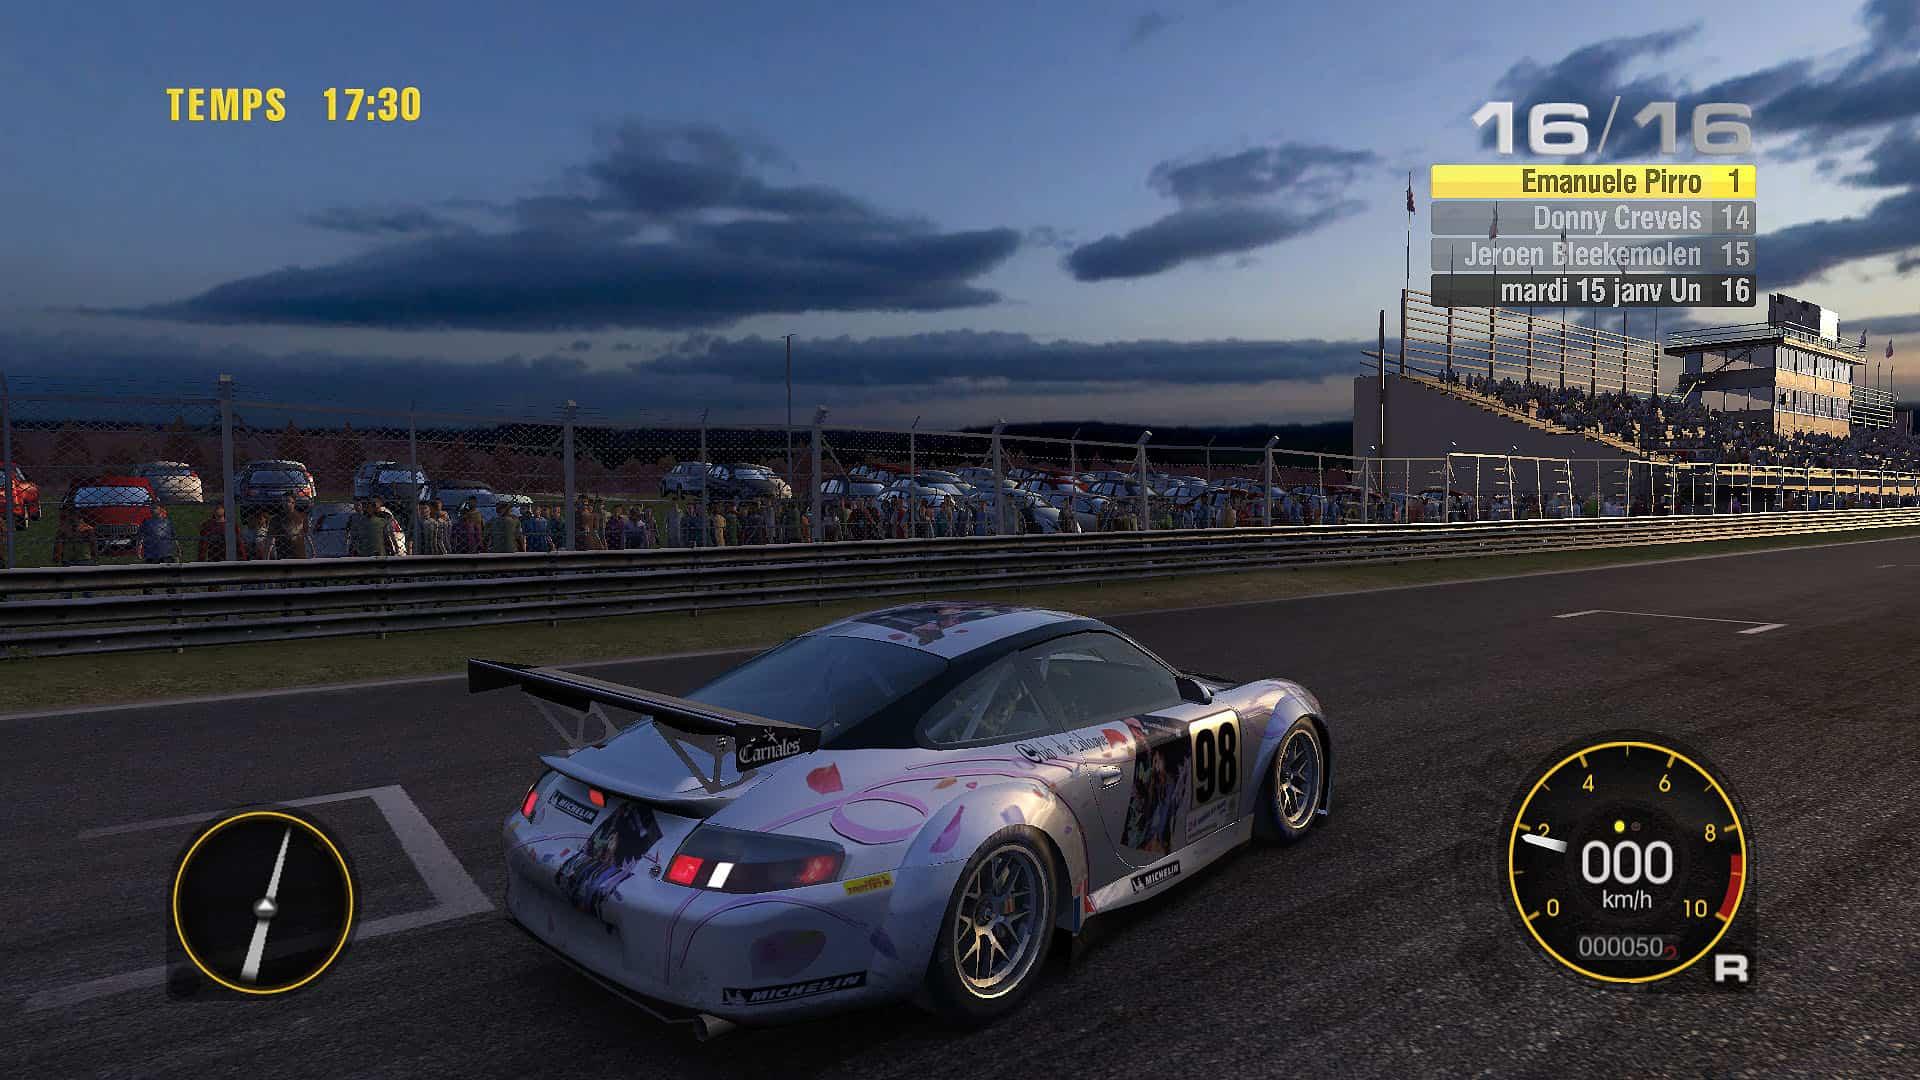 Jeu De Voiture De Course Sur Circuit - Course Automobile dedans Jeux De Voiture De Cours